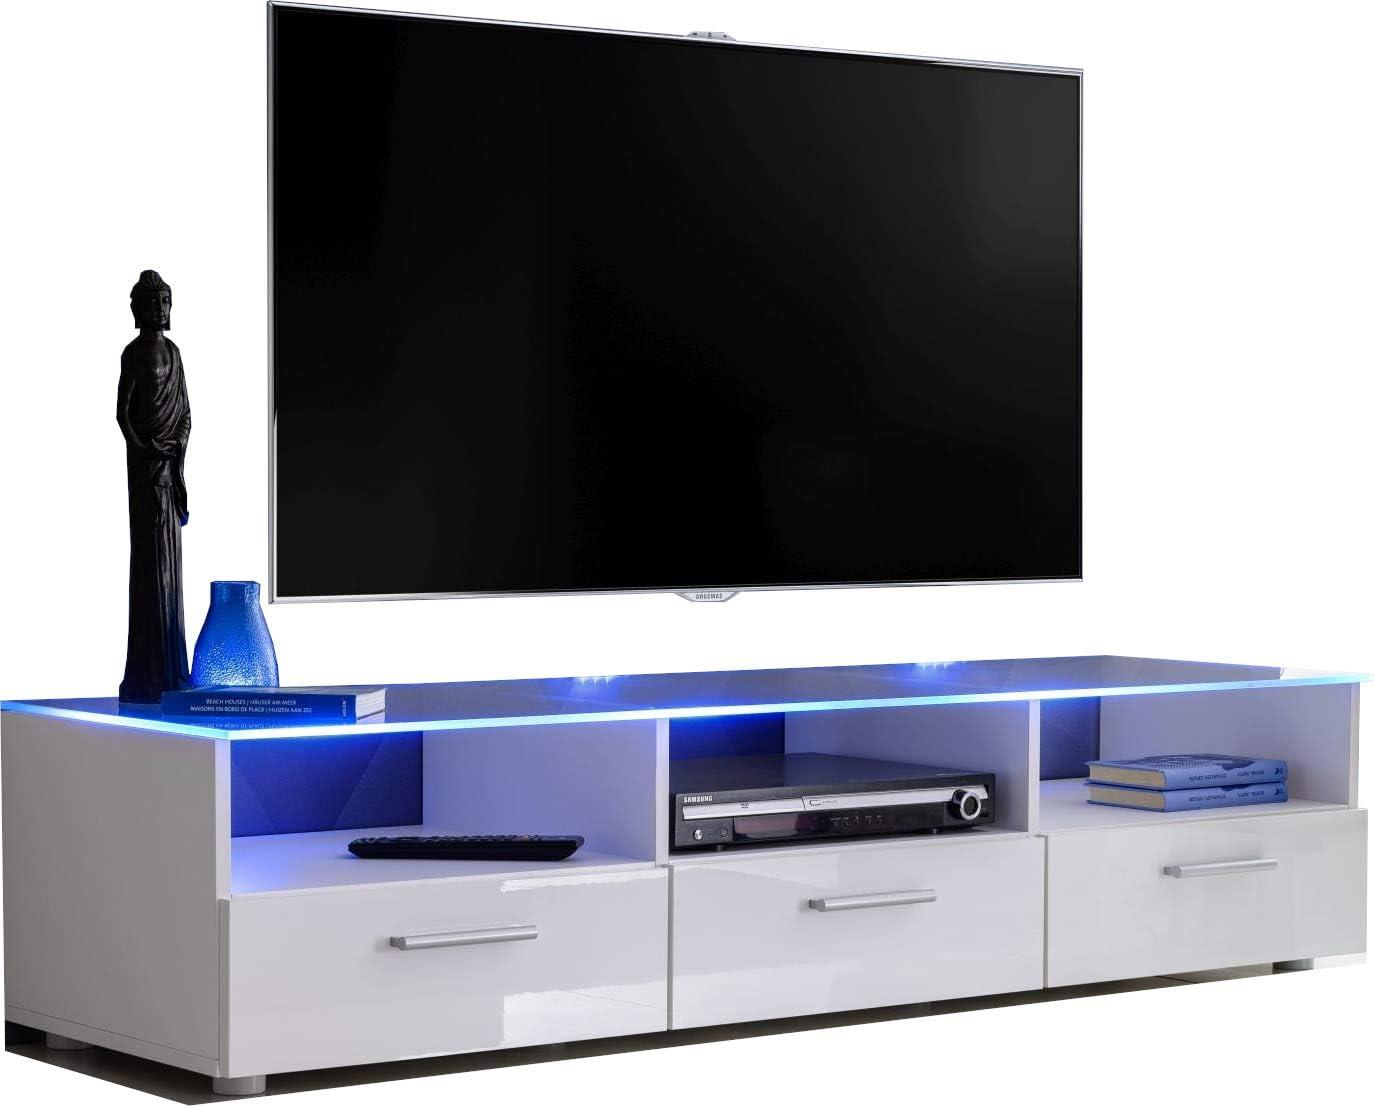 ExtremeFurniture T35 Mueble para TV, Carcasa en Blanco Mate/Frente en Blanco Alto Brillo + LED Multicolor con Mando a Distancia: Amazon.es: Electrónica